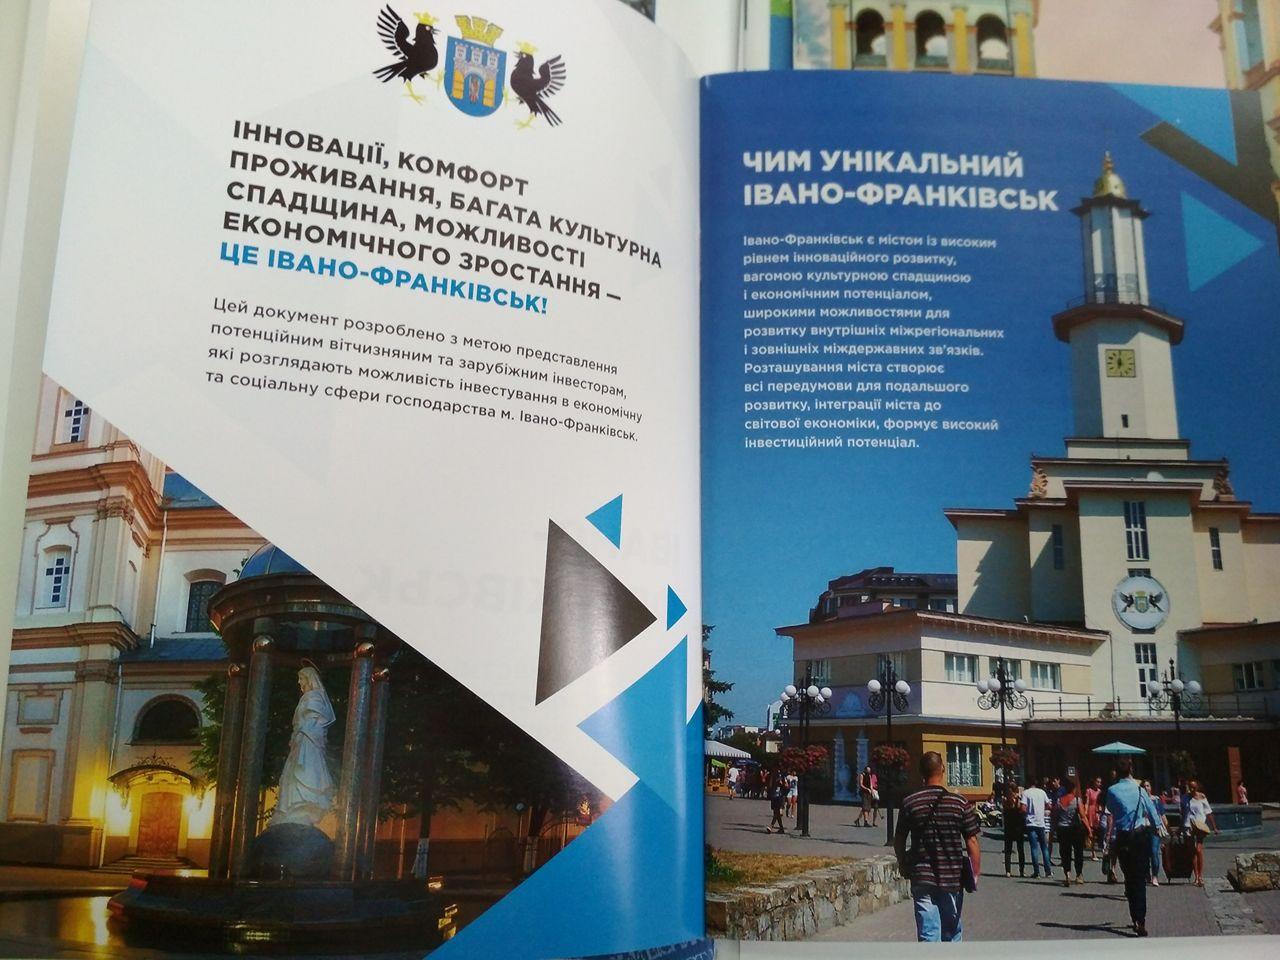 Найкращий ЦНАП та електронна черга в садочки: Франківськ ділиться успішними практиками (фото)